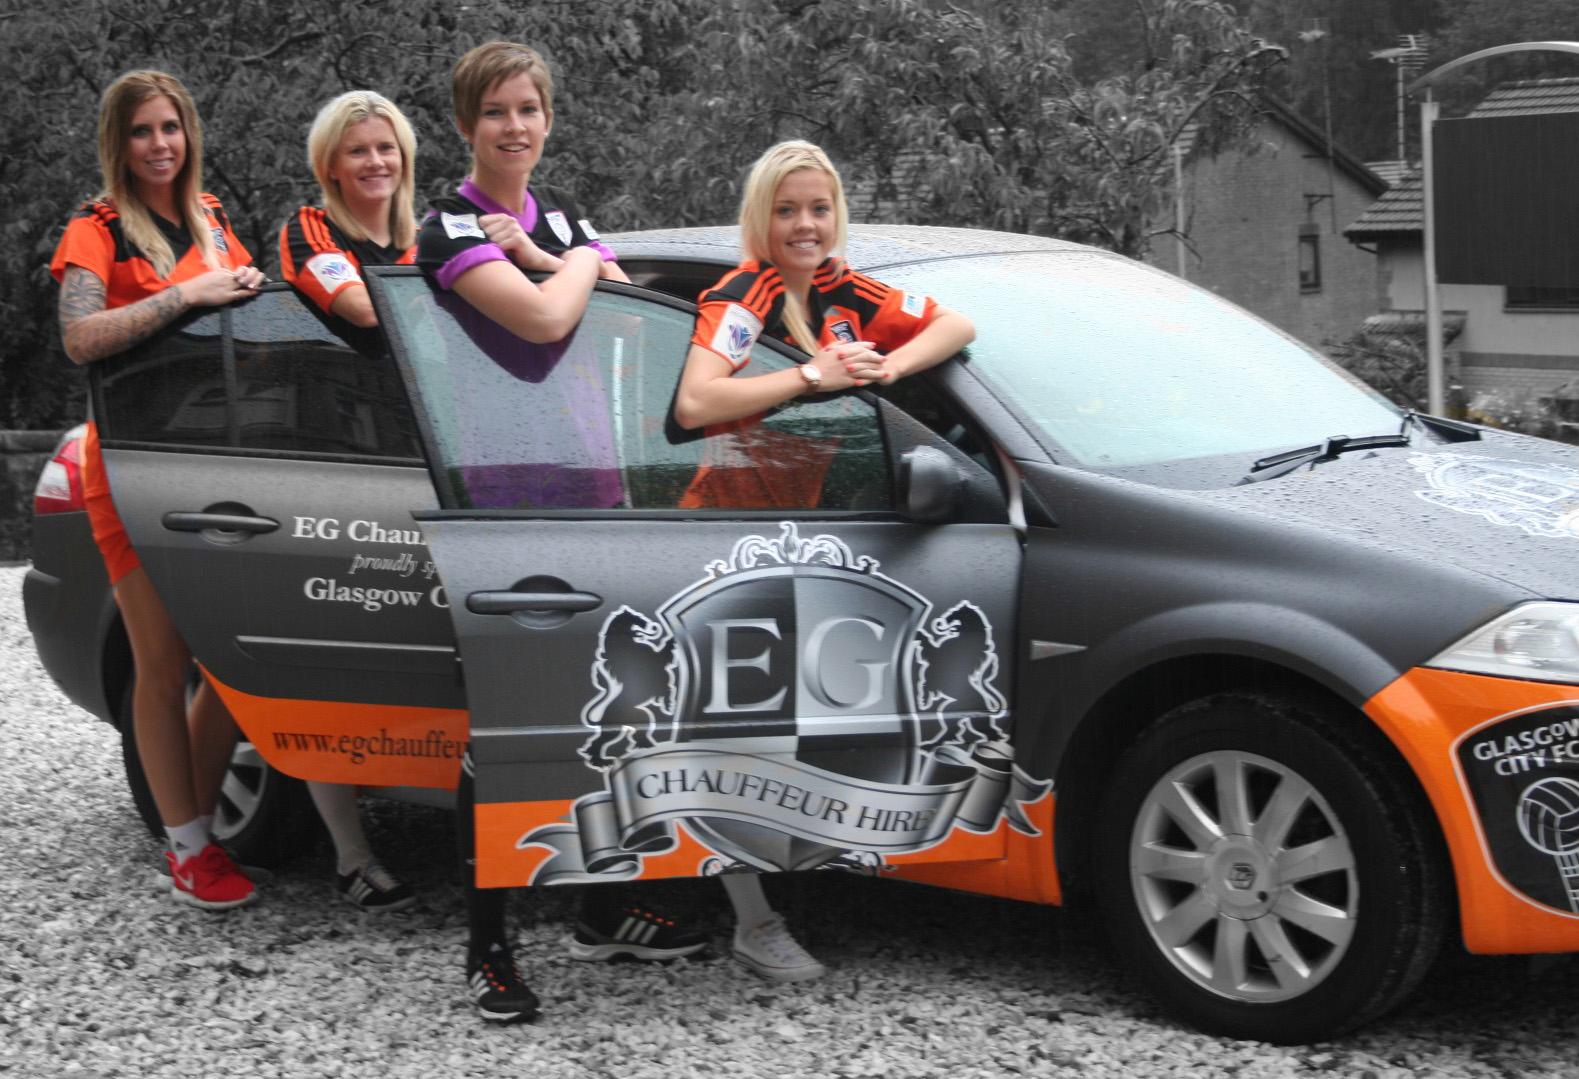 Morgan Marlborough, Julie Nelson, Nikki Deiter, Denise O'Sullivan with our EG Chauffeur Car.